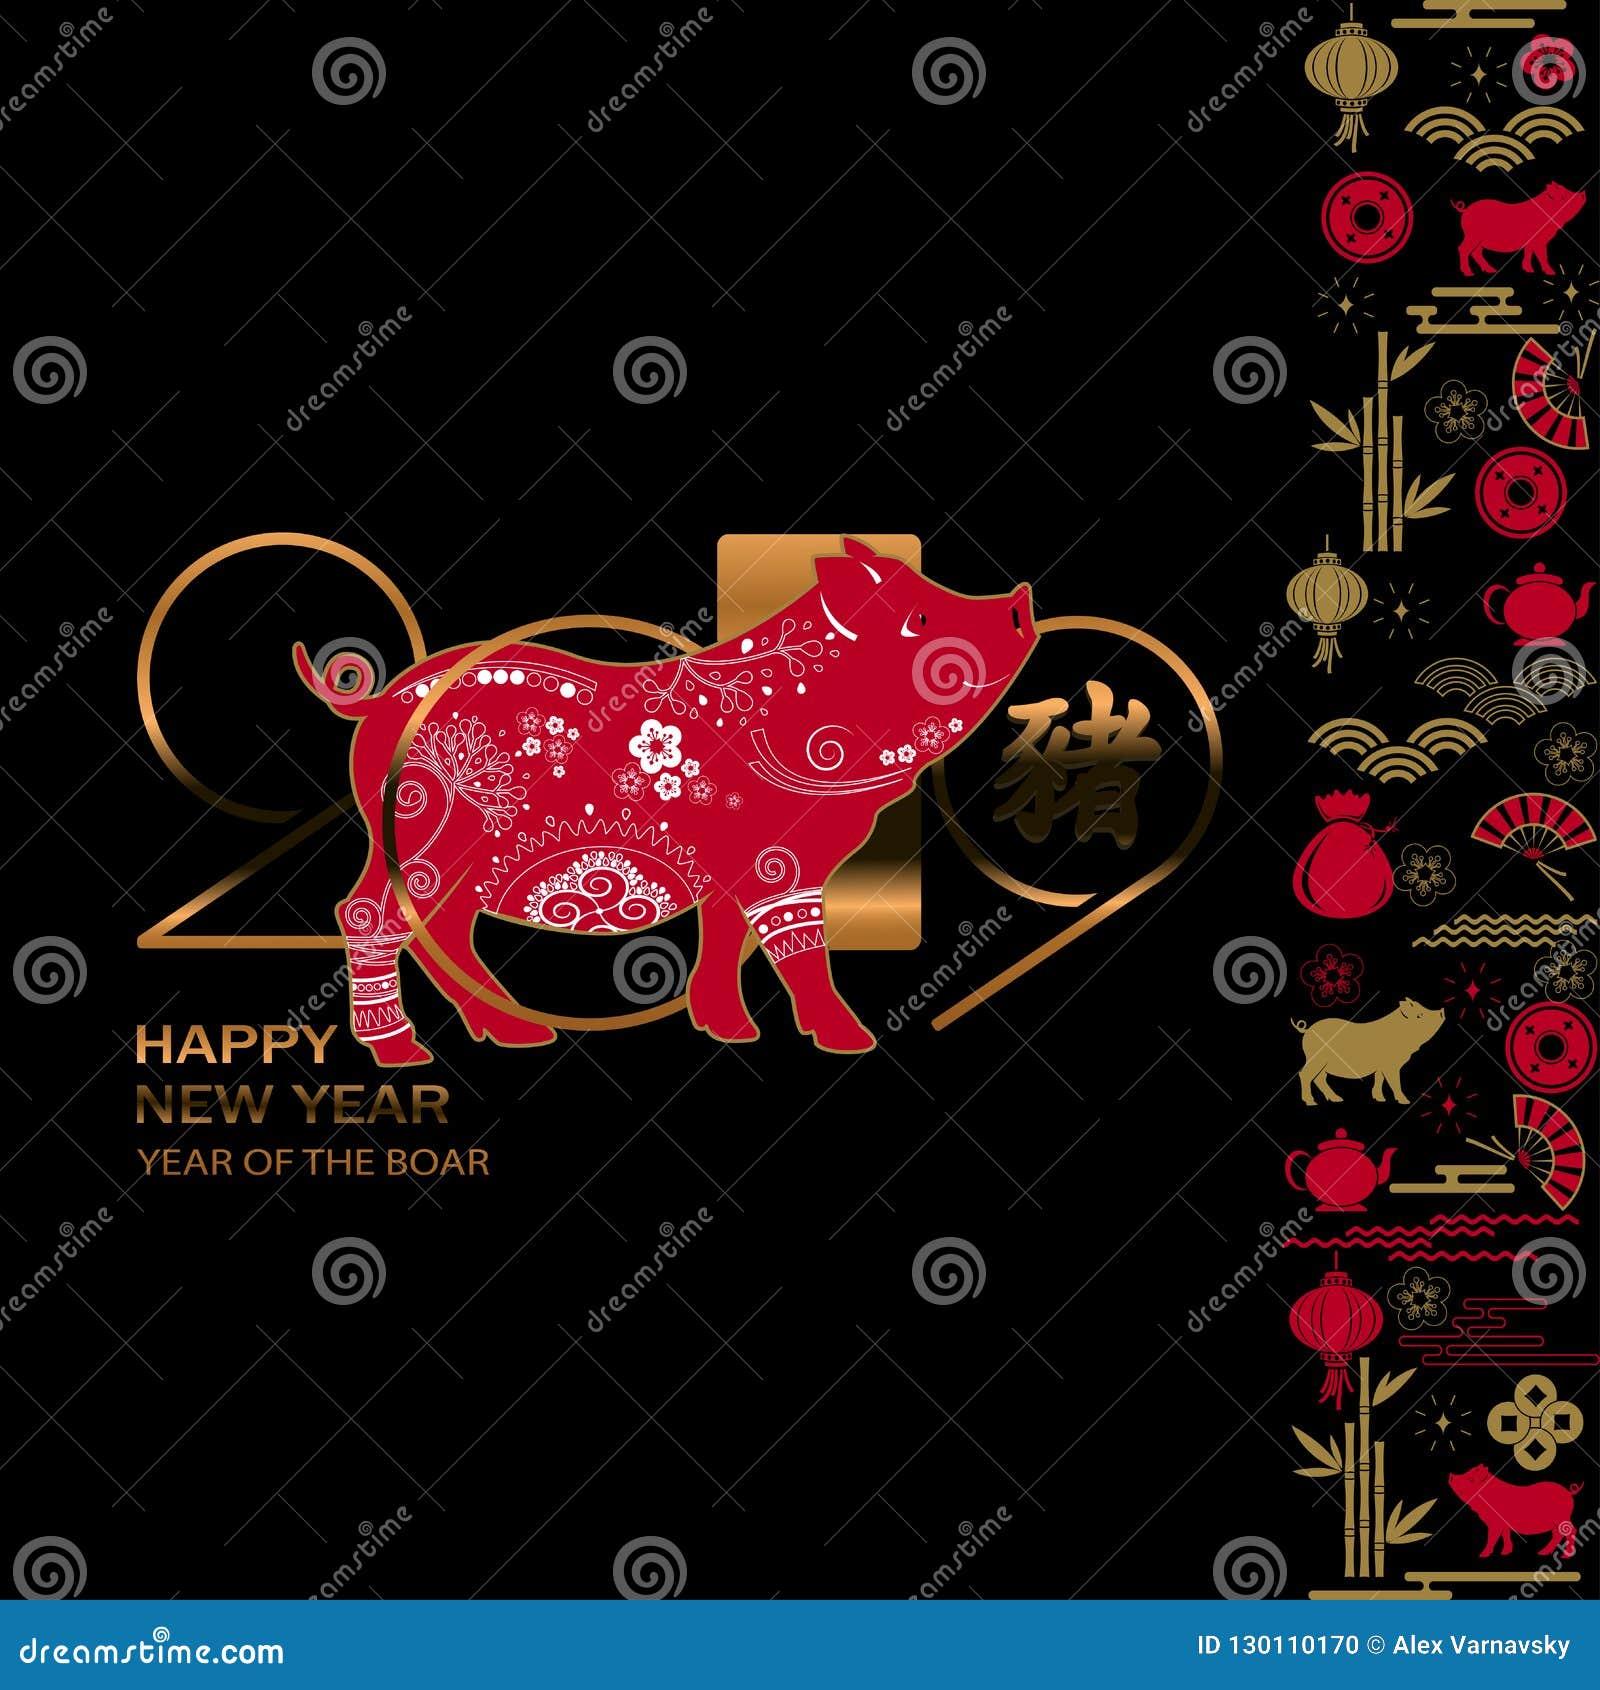 Gelukkig Chinees Nieuwjaar 2019 jaar van het varken Chinees vertaalvarken